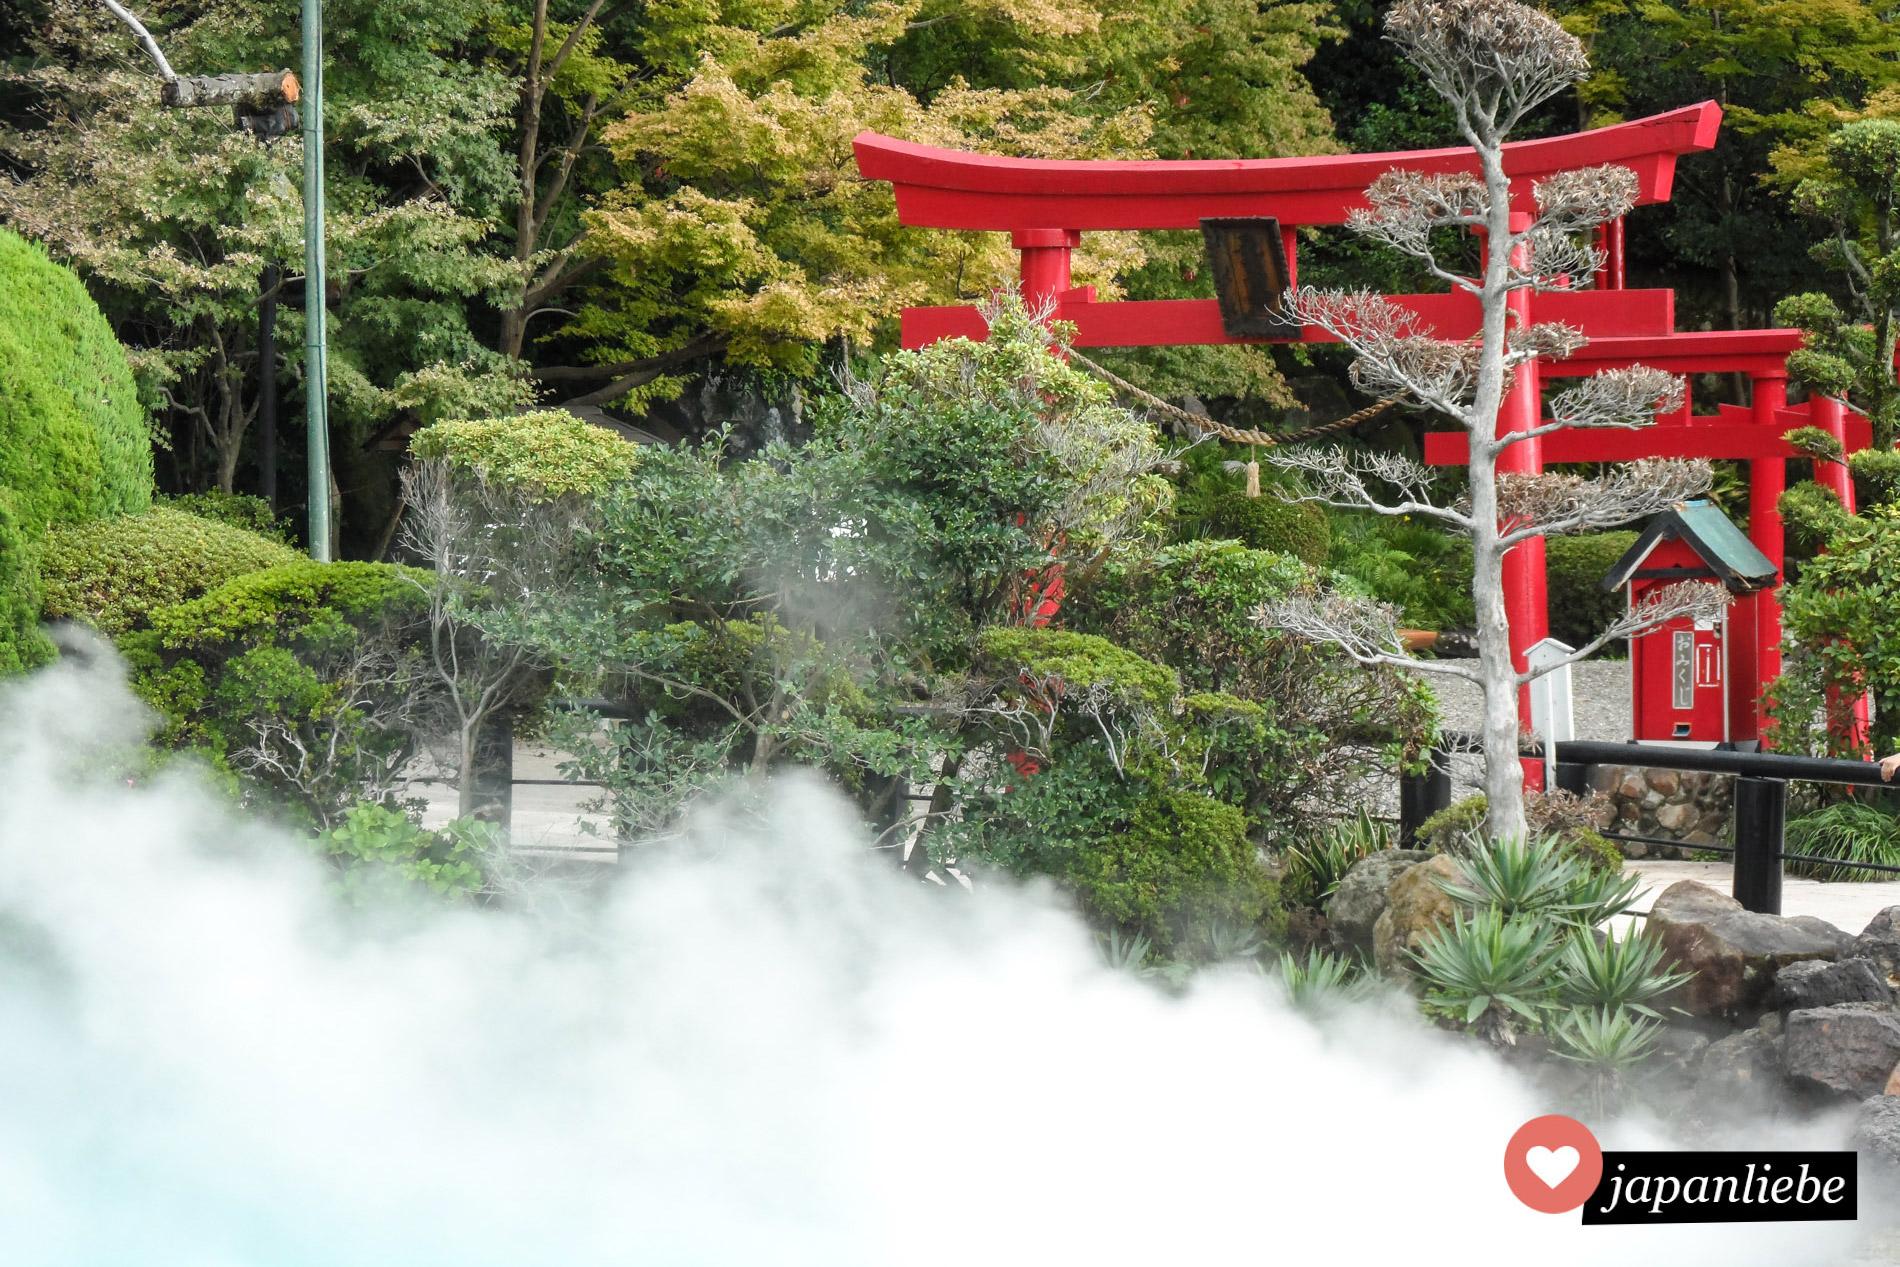 Ein rotes torii vor den Rauchschwaden in der Meerhölle in Beppu.